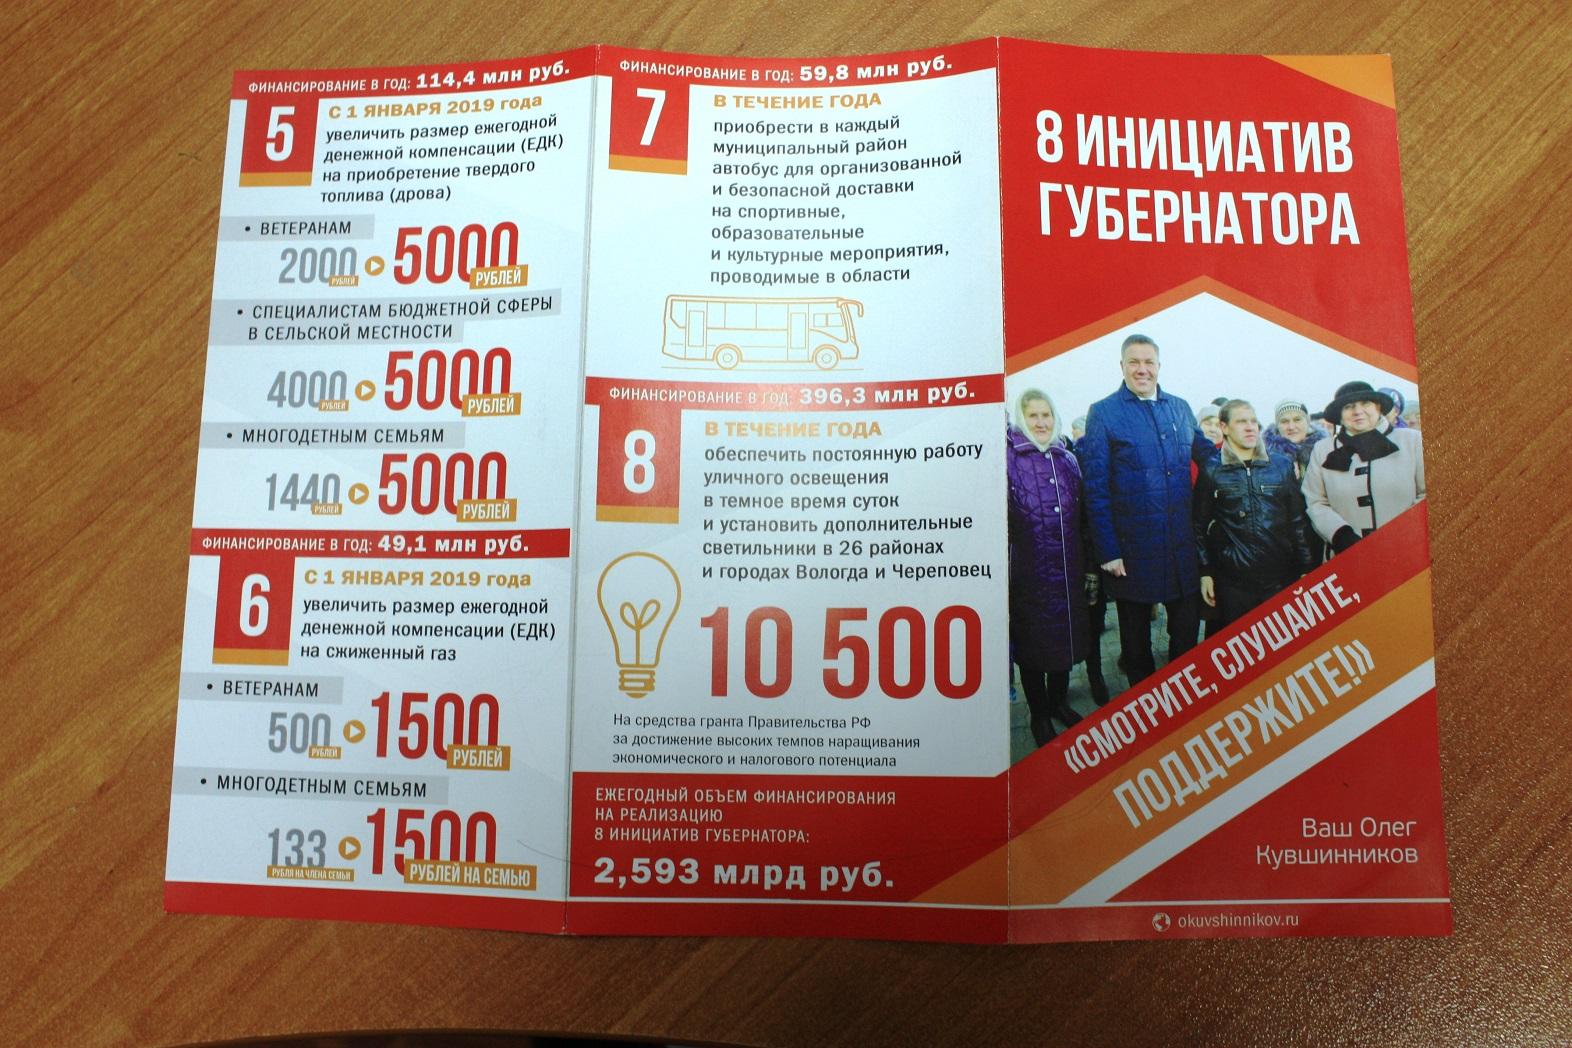 В правительстве Вологодской области не знают, кто издал брошюру «8 инициатив губернатора»?